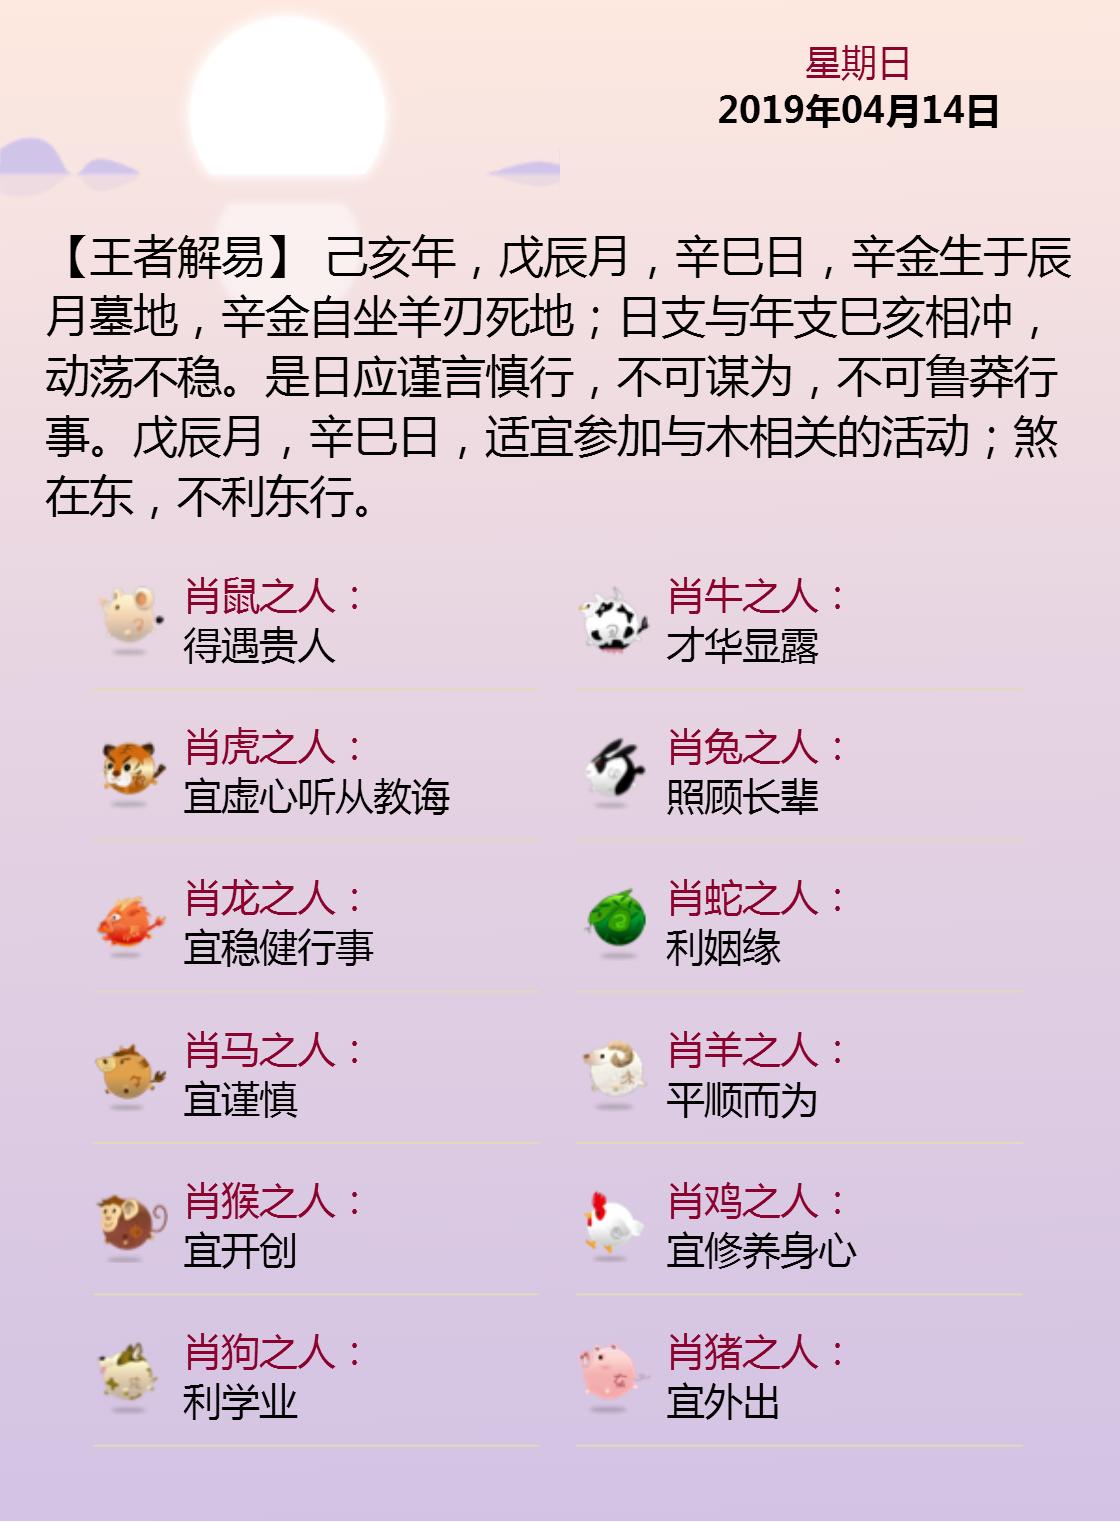 黄历海报20190414.png